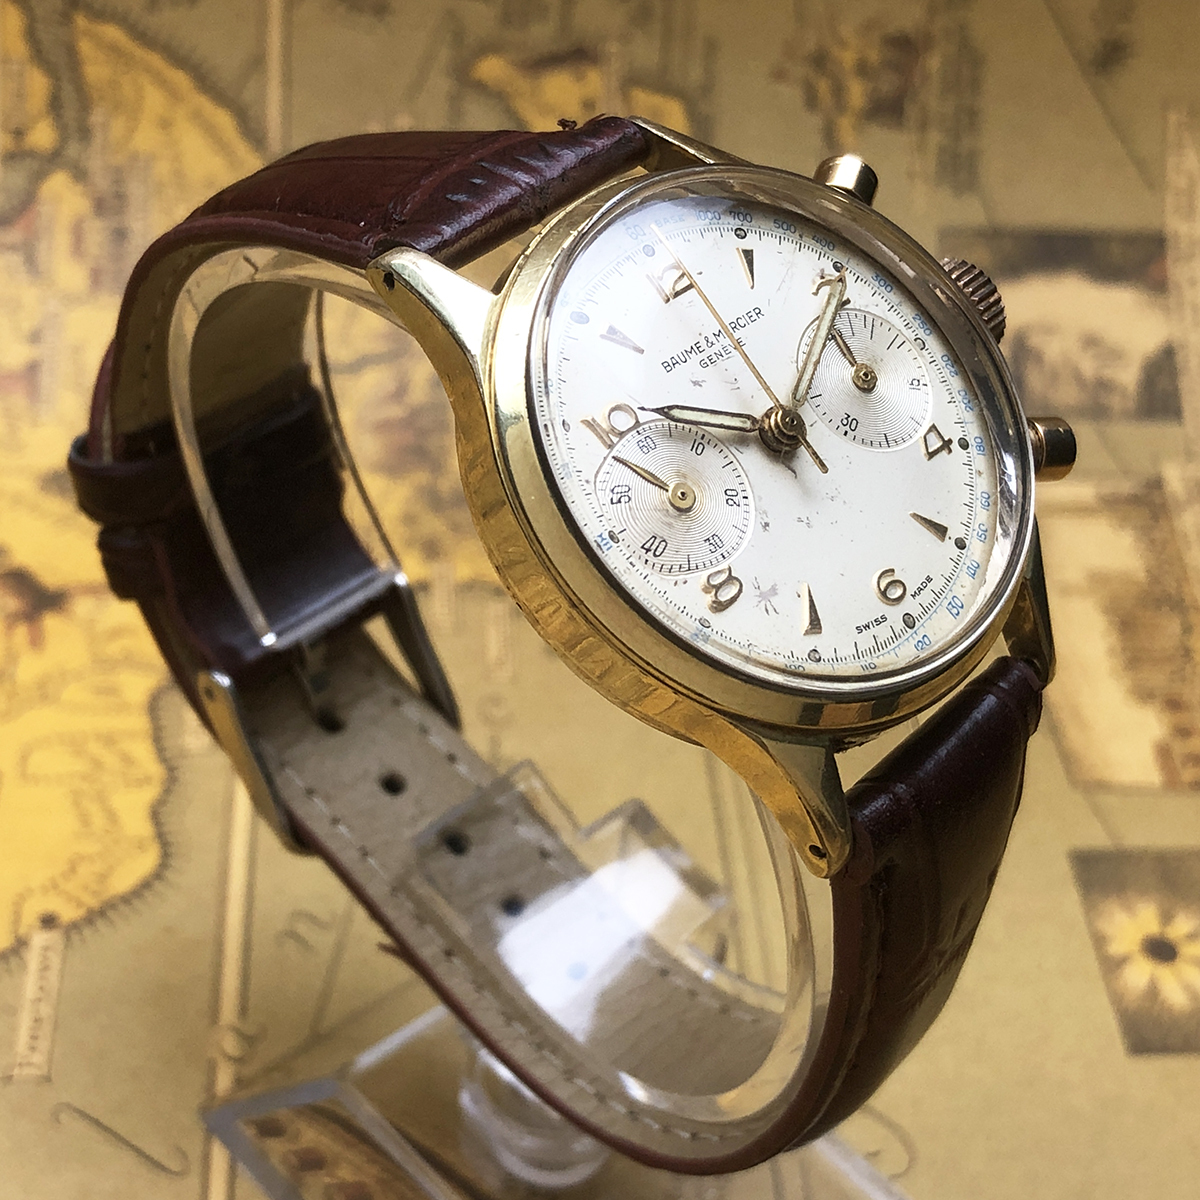 ★希少!! ボーム&メルシエ BAUME&MERCIER 1960s アンティーク Landeron149 メンズ 腕時計 クロノグラフ 手巻 白文字盤 ビンテージ 高級_画像4